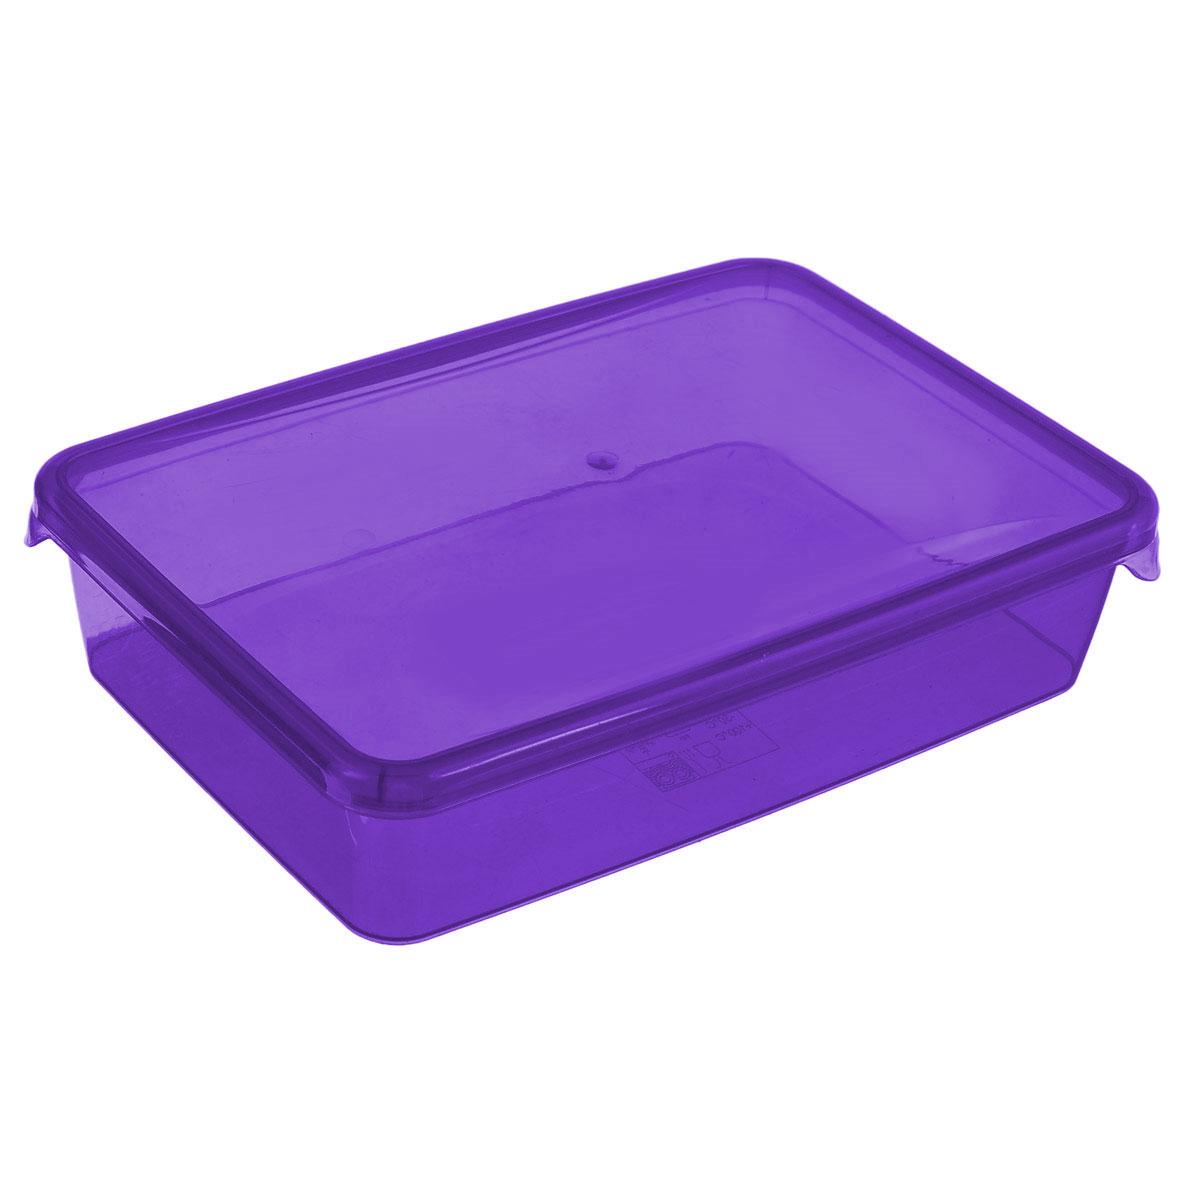 Контейнер Glaretti Браво, цвет: фиолетовый, 0,9 лПЦ1034_фиолетовыйКонтейнер P&C Браво выполнен из высококачественного пищевого пластика и предназначен для хранения и транспортировки пищи.Крышка легко открывается и плотно закрывается с помощью легкого щелчка. Подходит для использования в микроволновой печи без крышки (до +100°С), для заморозки при минимальной температуре -30°С. Можно мыть в посудомоечной машине.